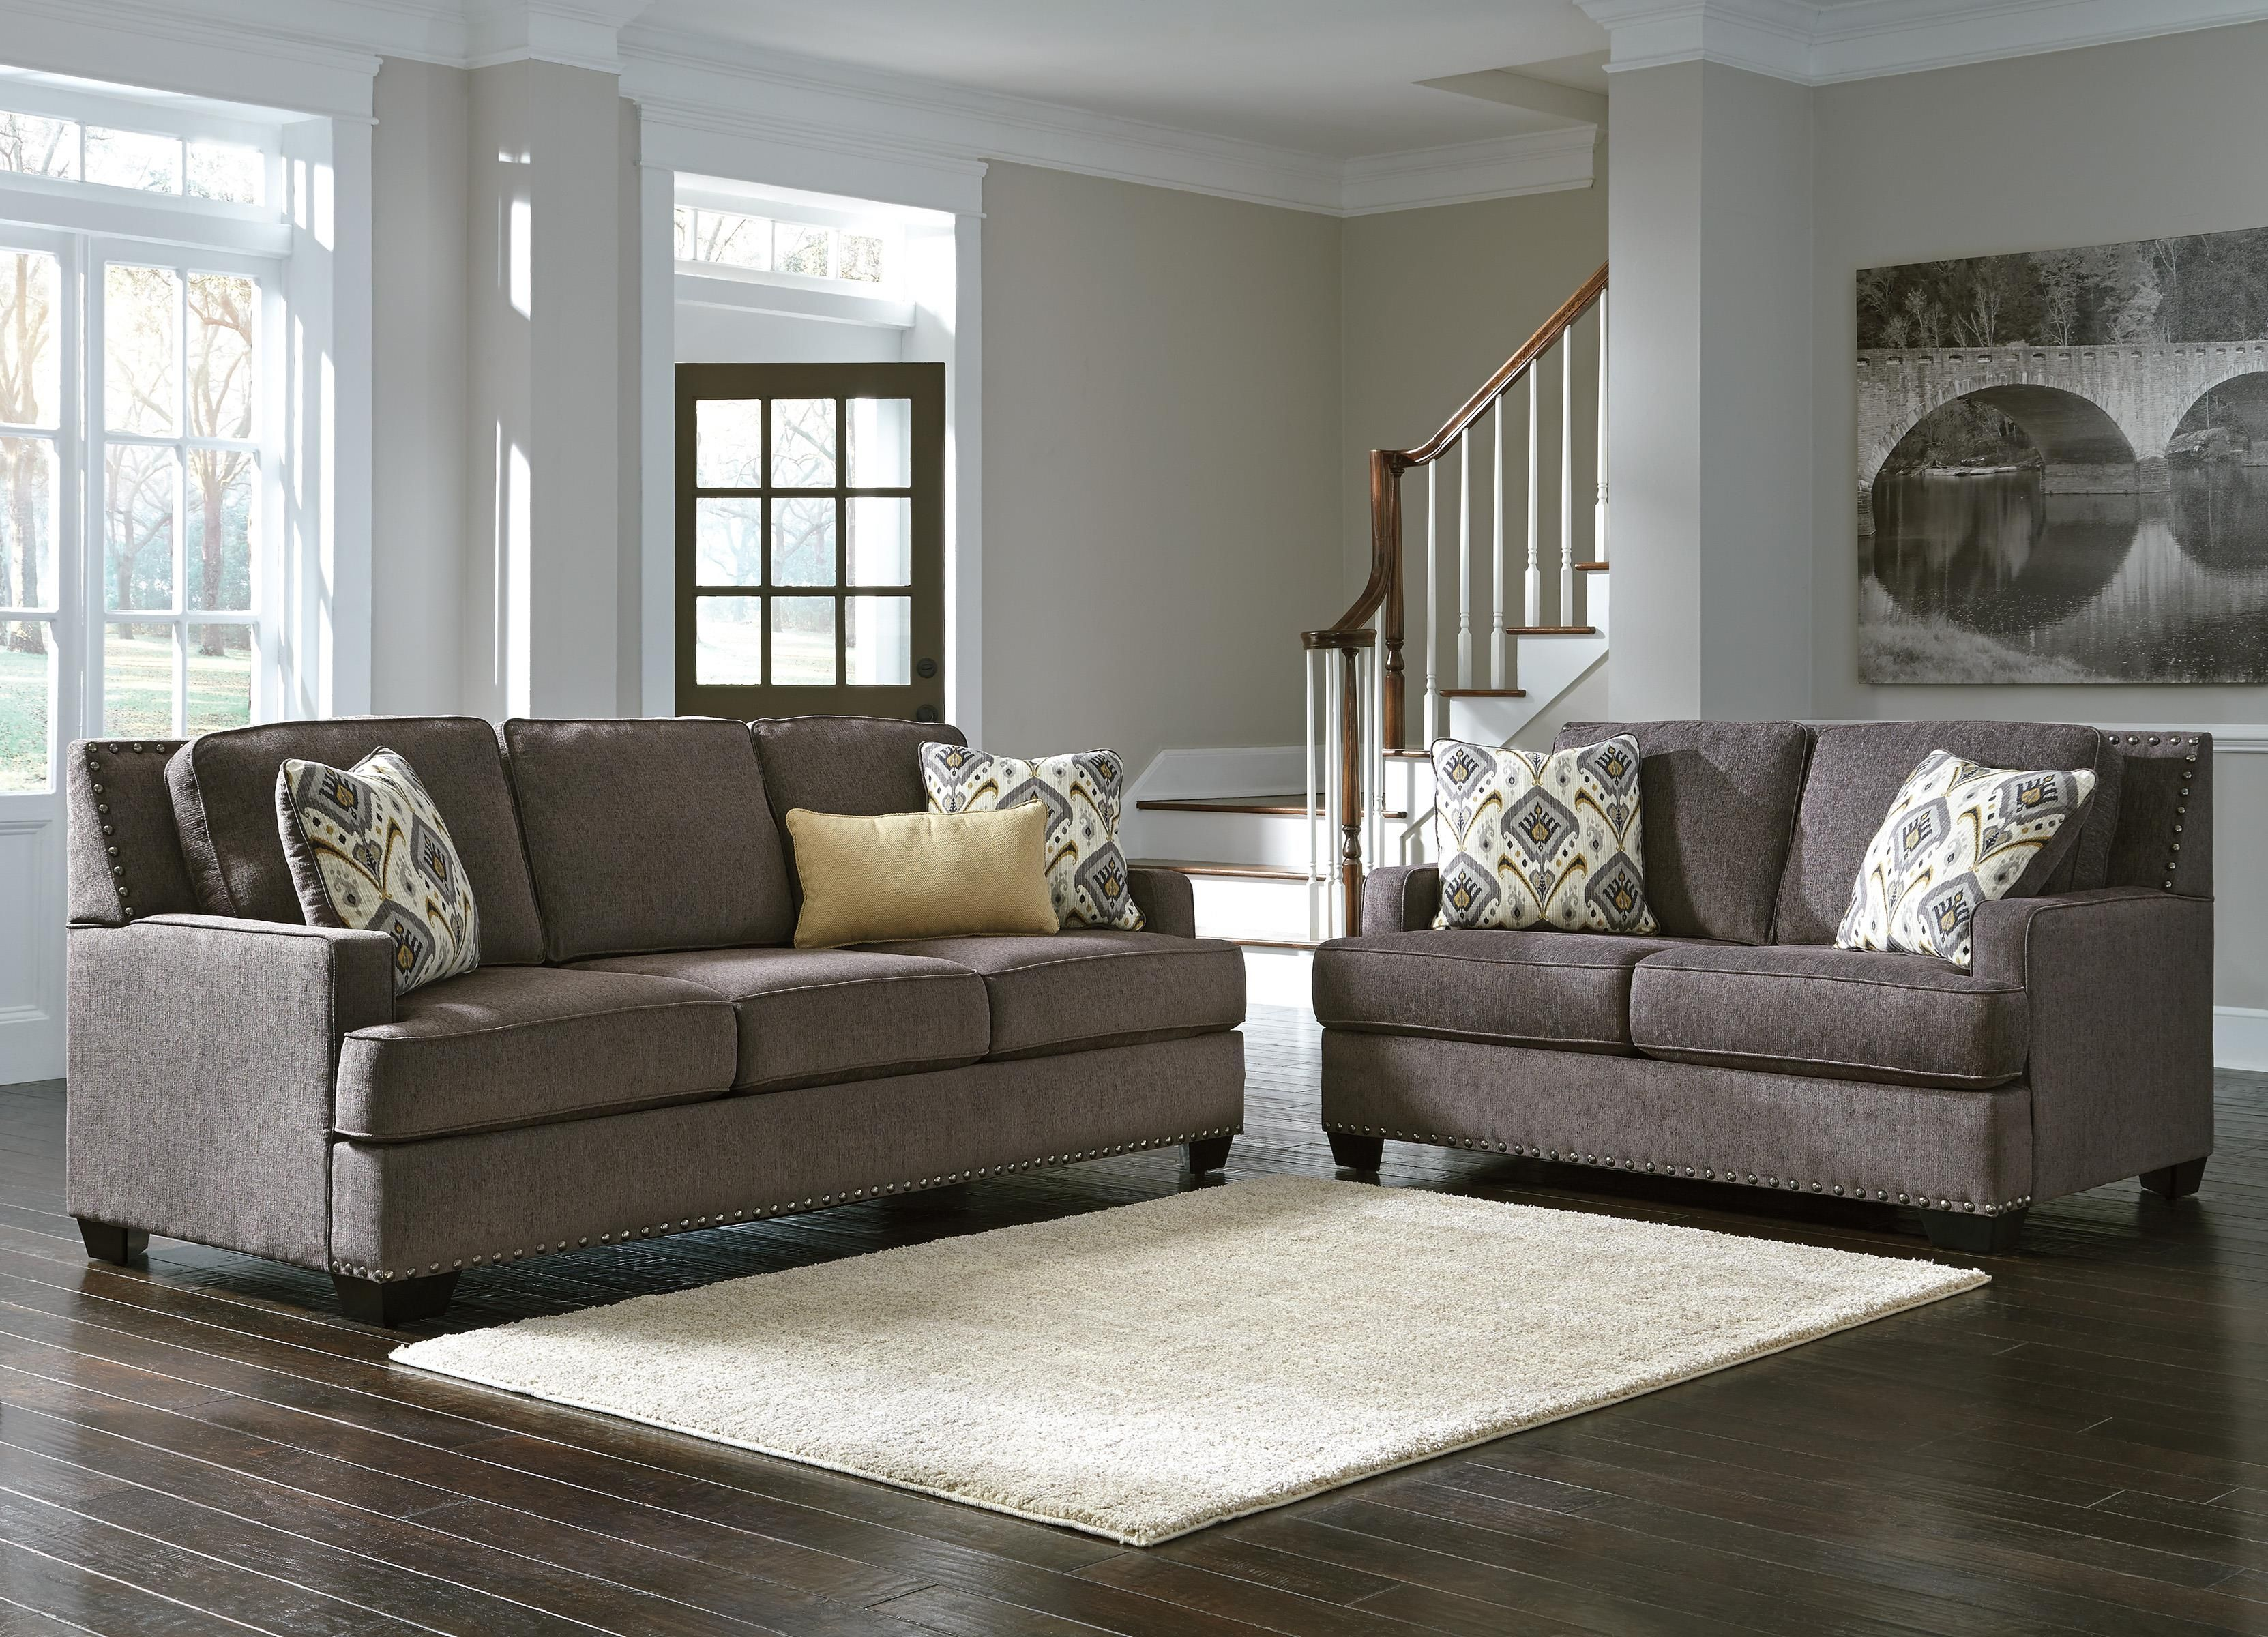 Benchcraft Barinteen Sofa  Del Sol Furniture  Sofa Phoenix